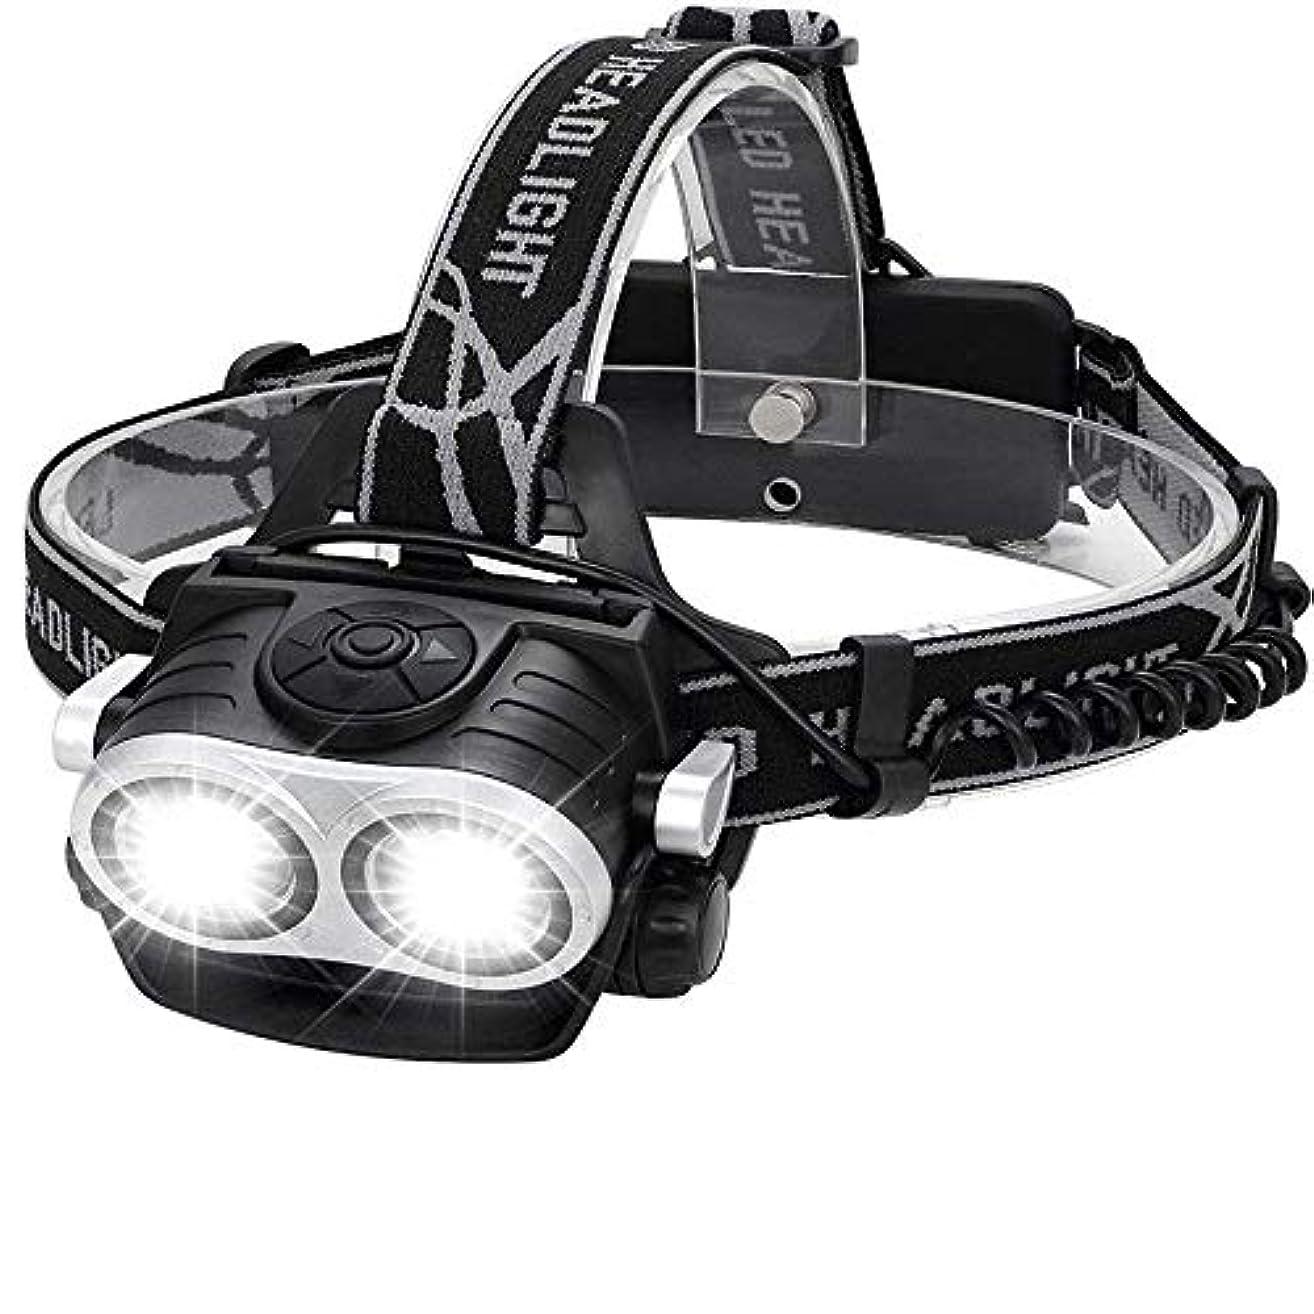 インディカネスト視力Erosttd ヘッドランプ、超高輝度LED T6デュアルコアUSB充電式充電式懐中電灯、防水、キャンプ用、ハイキング、アウトドア